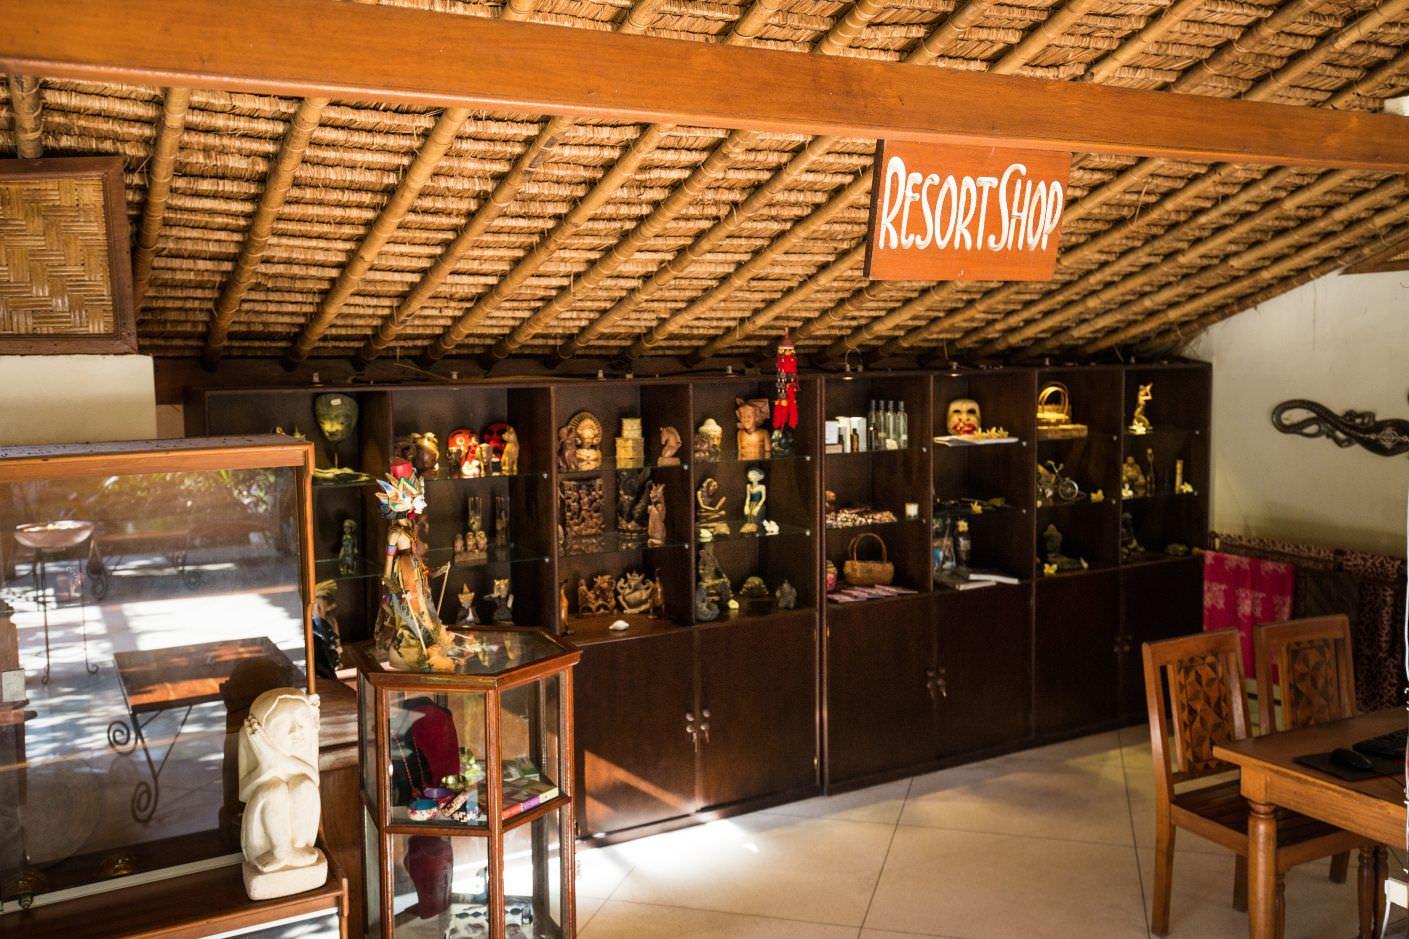 Karma Royal Candidasa Resort Shop